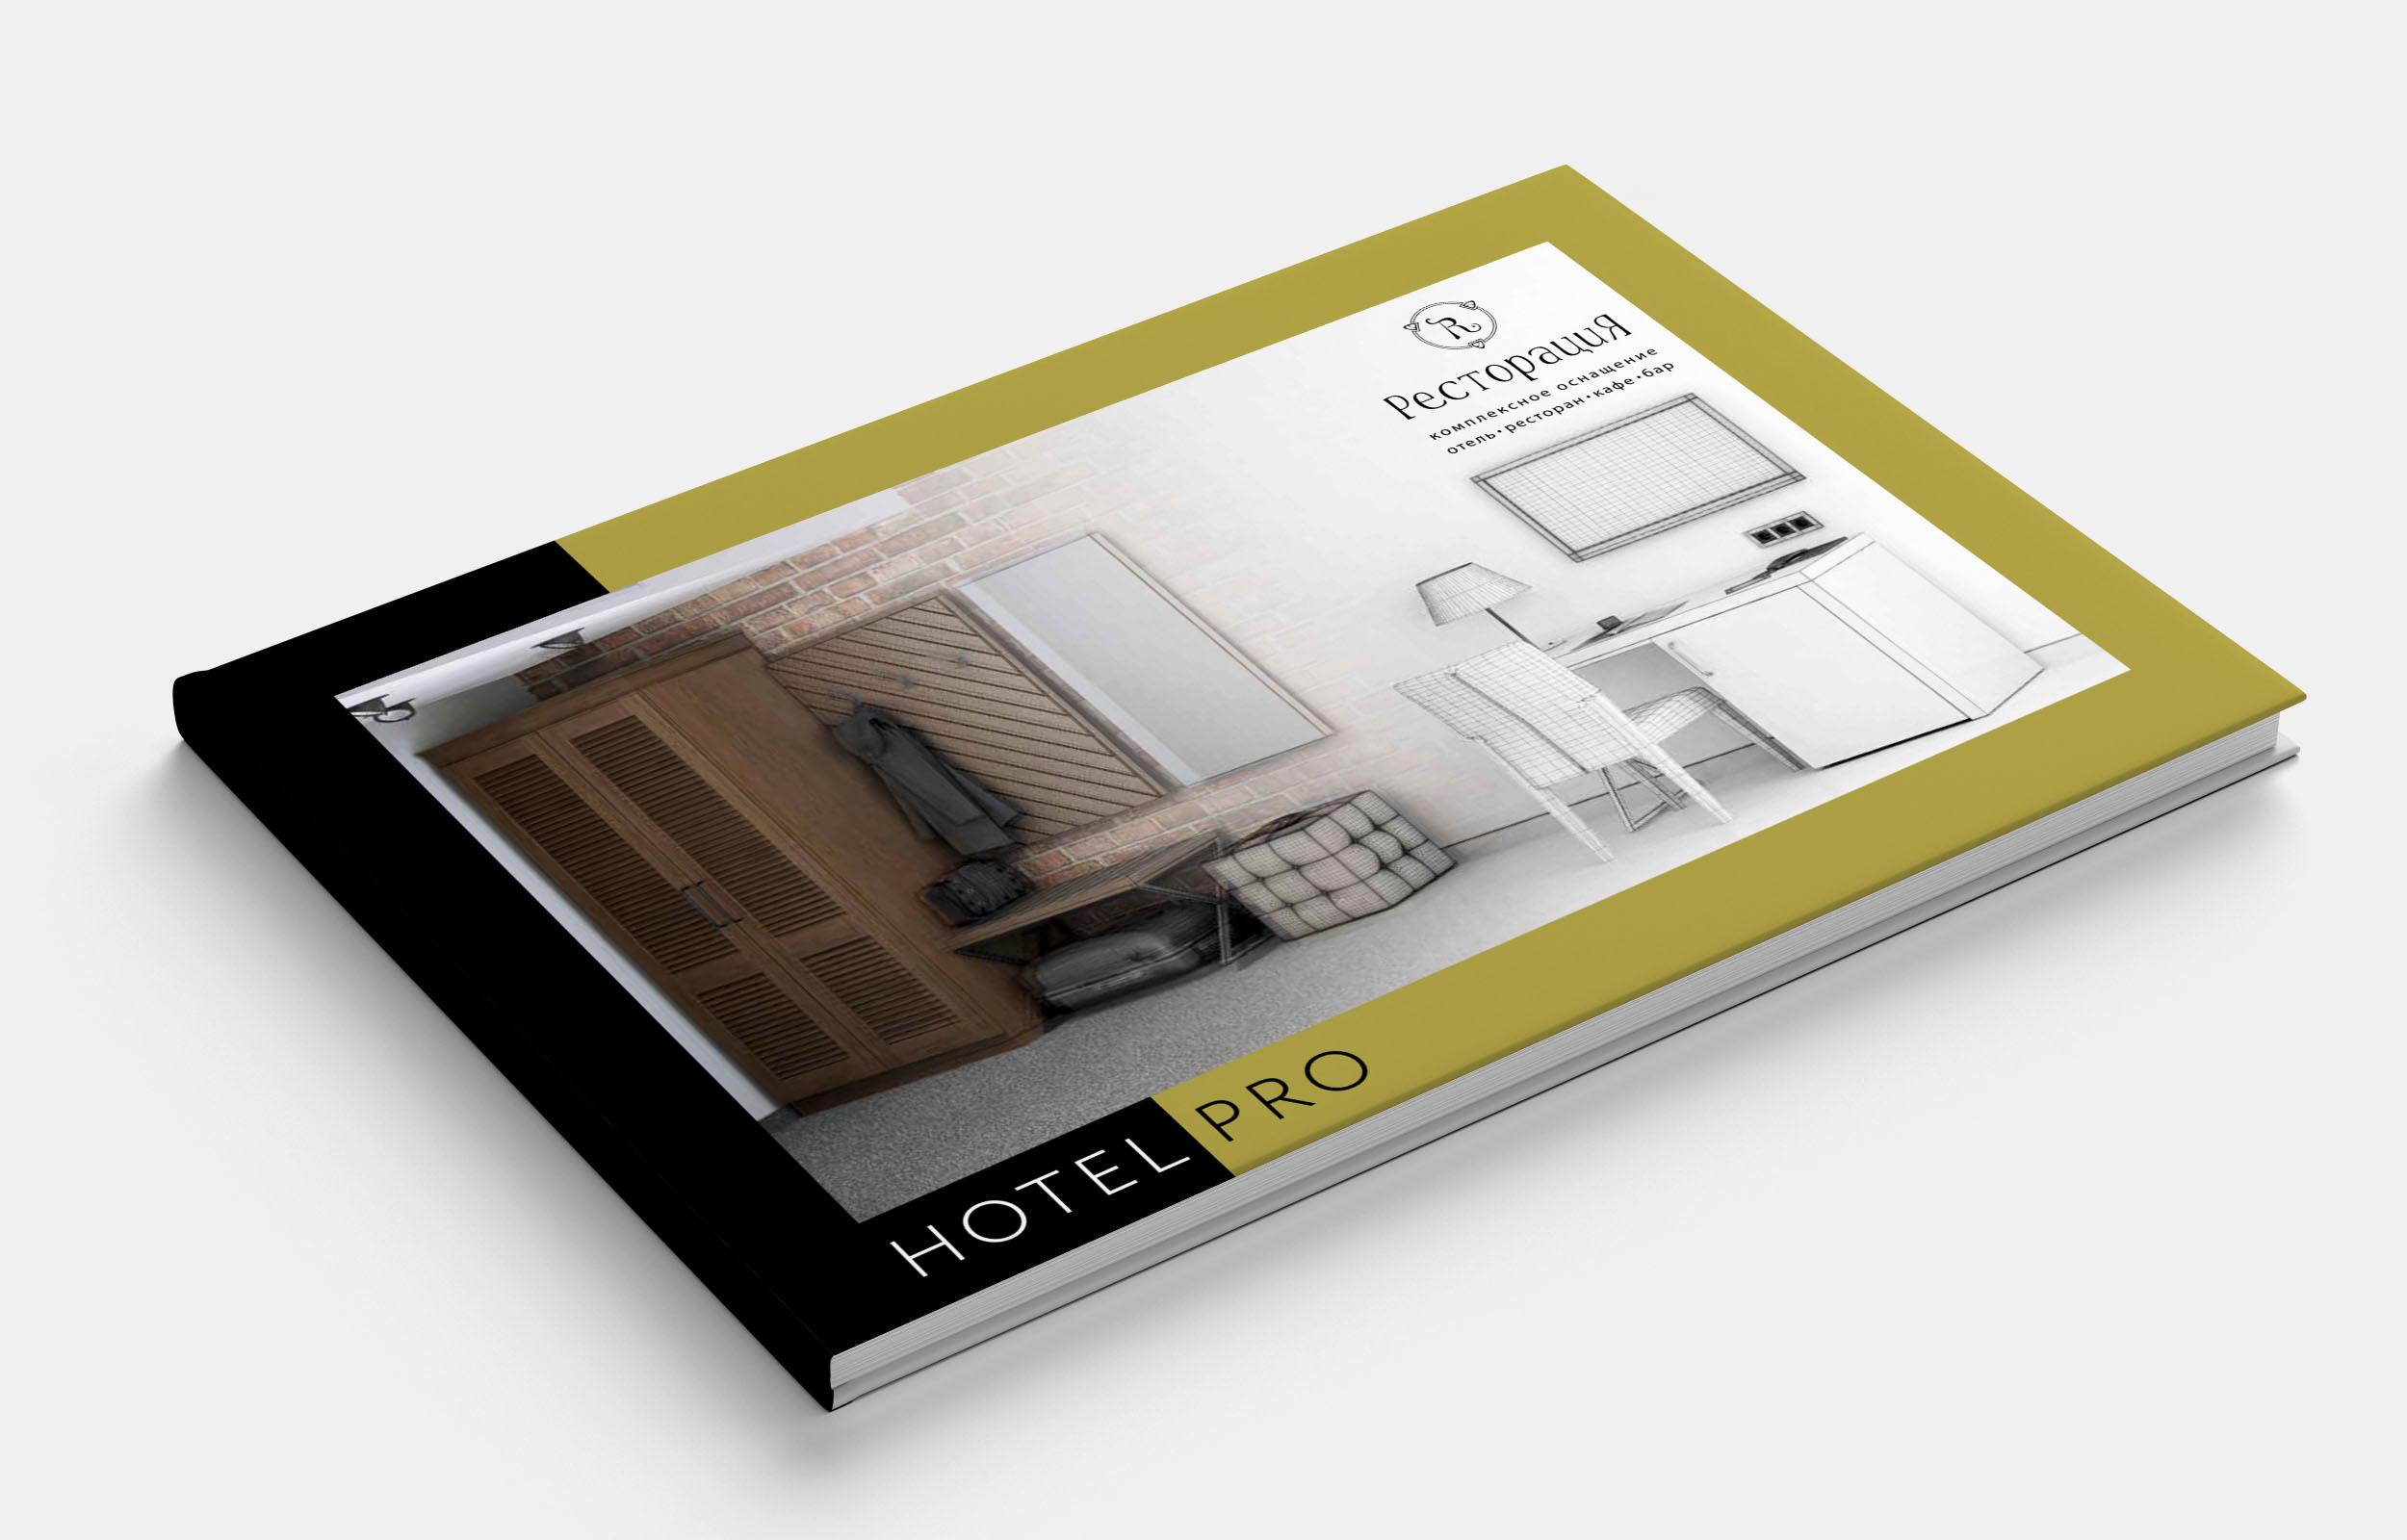 Дизайн и верстка каталога комплексное оснащение отелей, баров, ресторанов (A4, Indd, PDF)